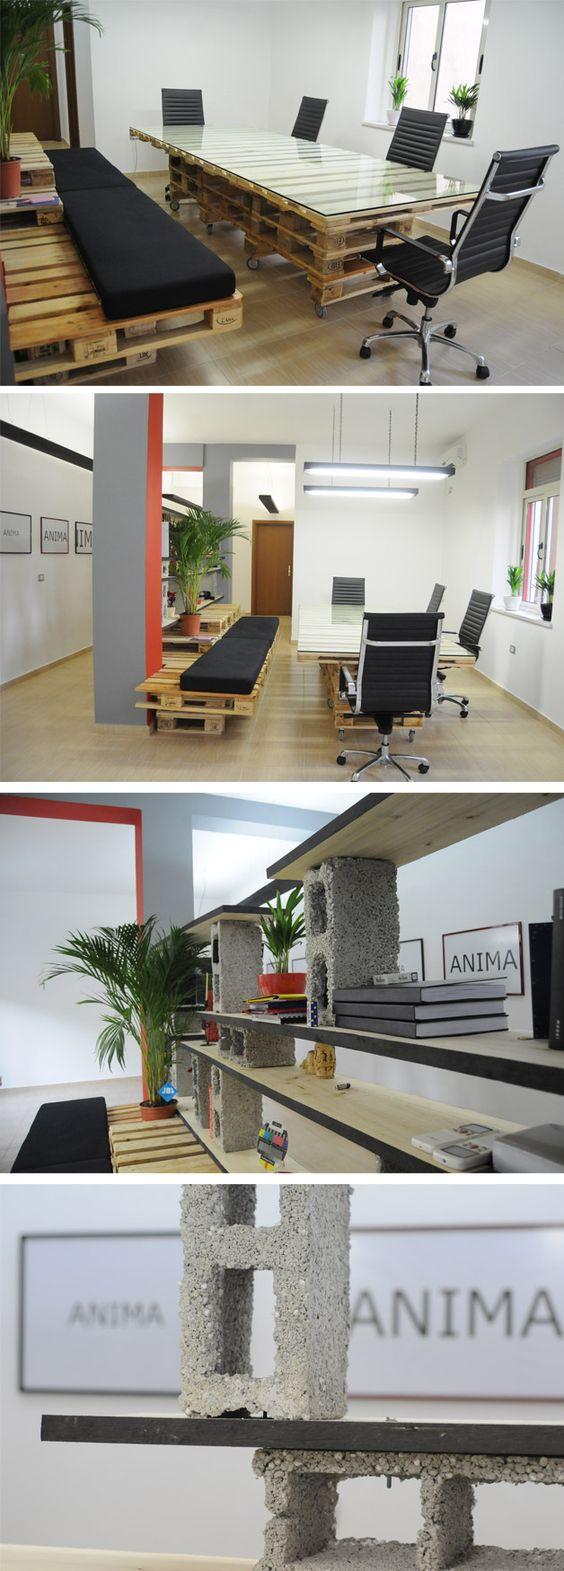 Materiais simples dando sofisticação. Talvez o nosso futuro escritório seja assim?